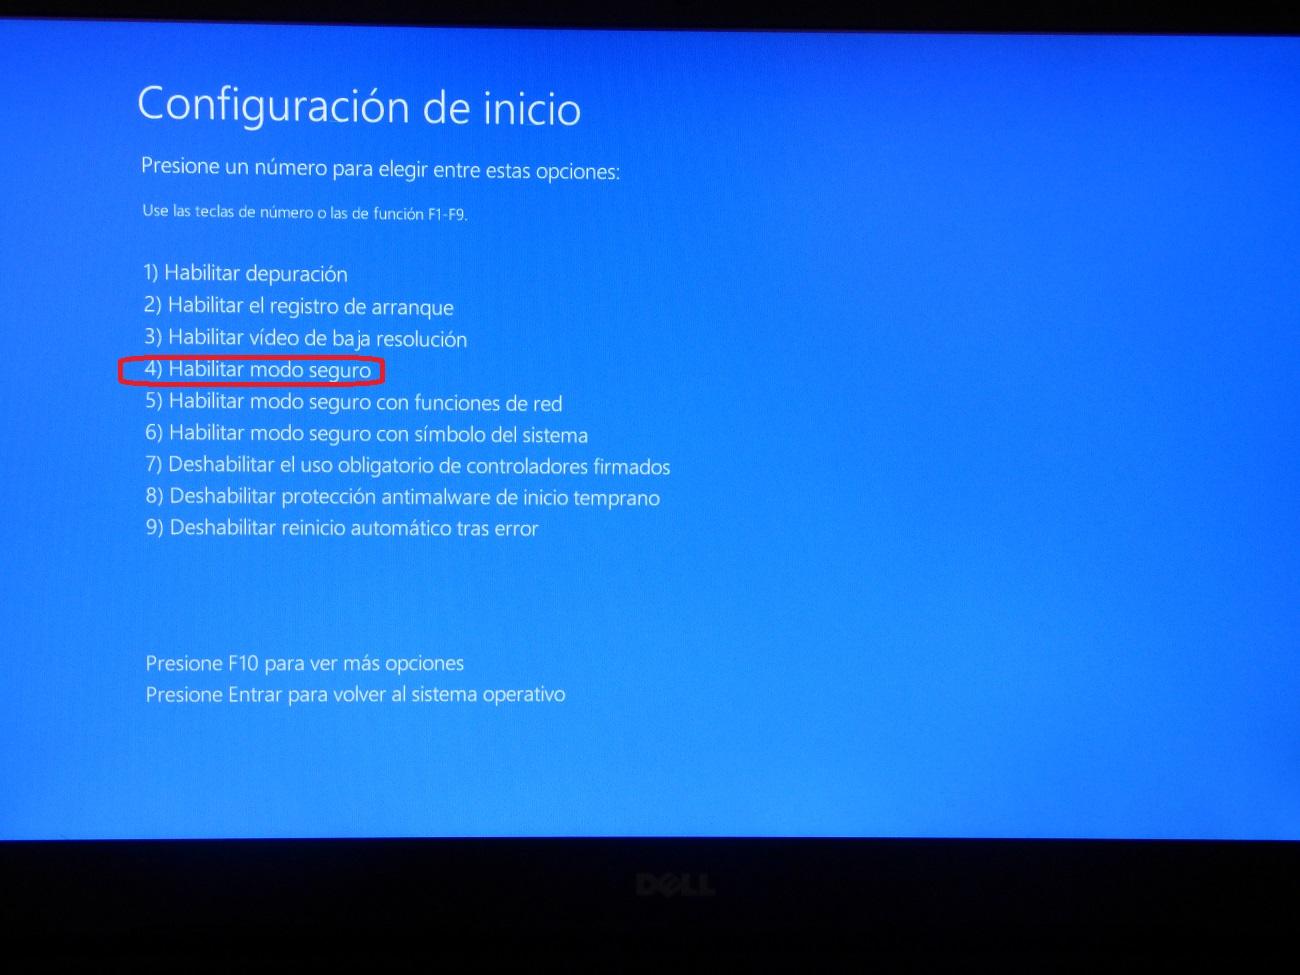 Como iniciar Windows 10 en modo seguro y para que sirve 6